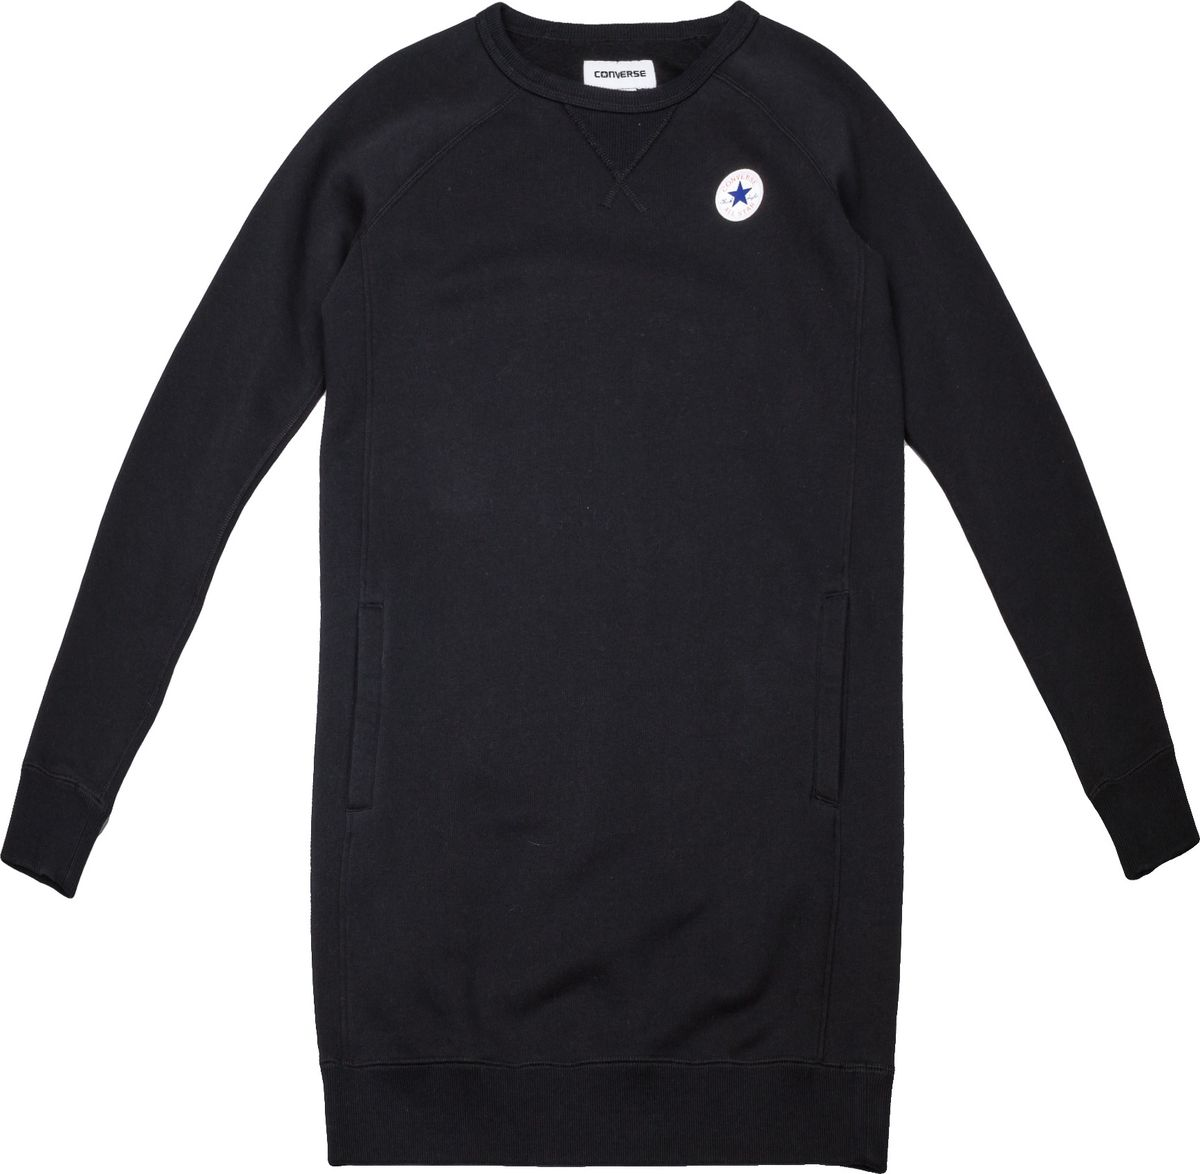 Платье женское Converse Core Sweatshirt Dress, цвет: черный. 10004545001. Размер S (44)10004545001